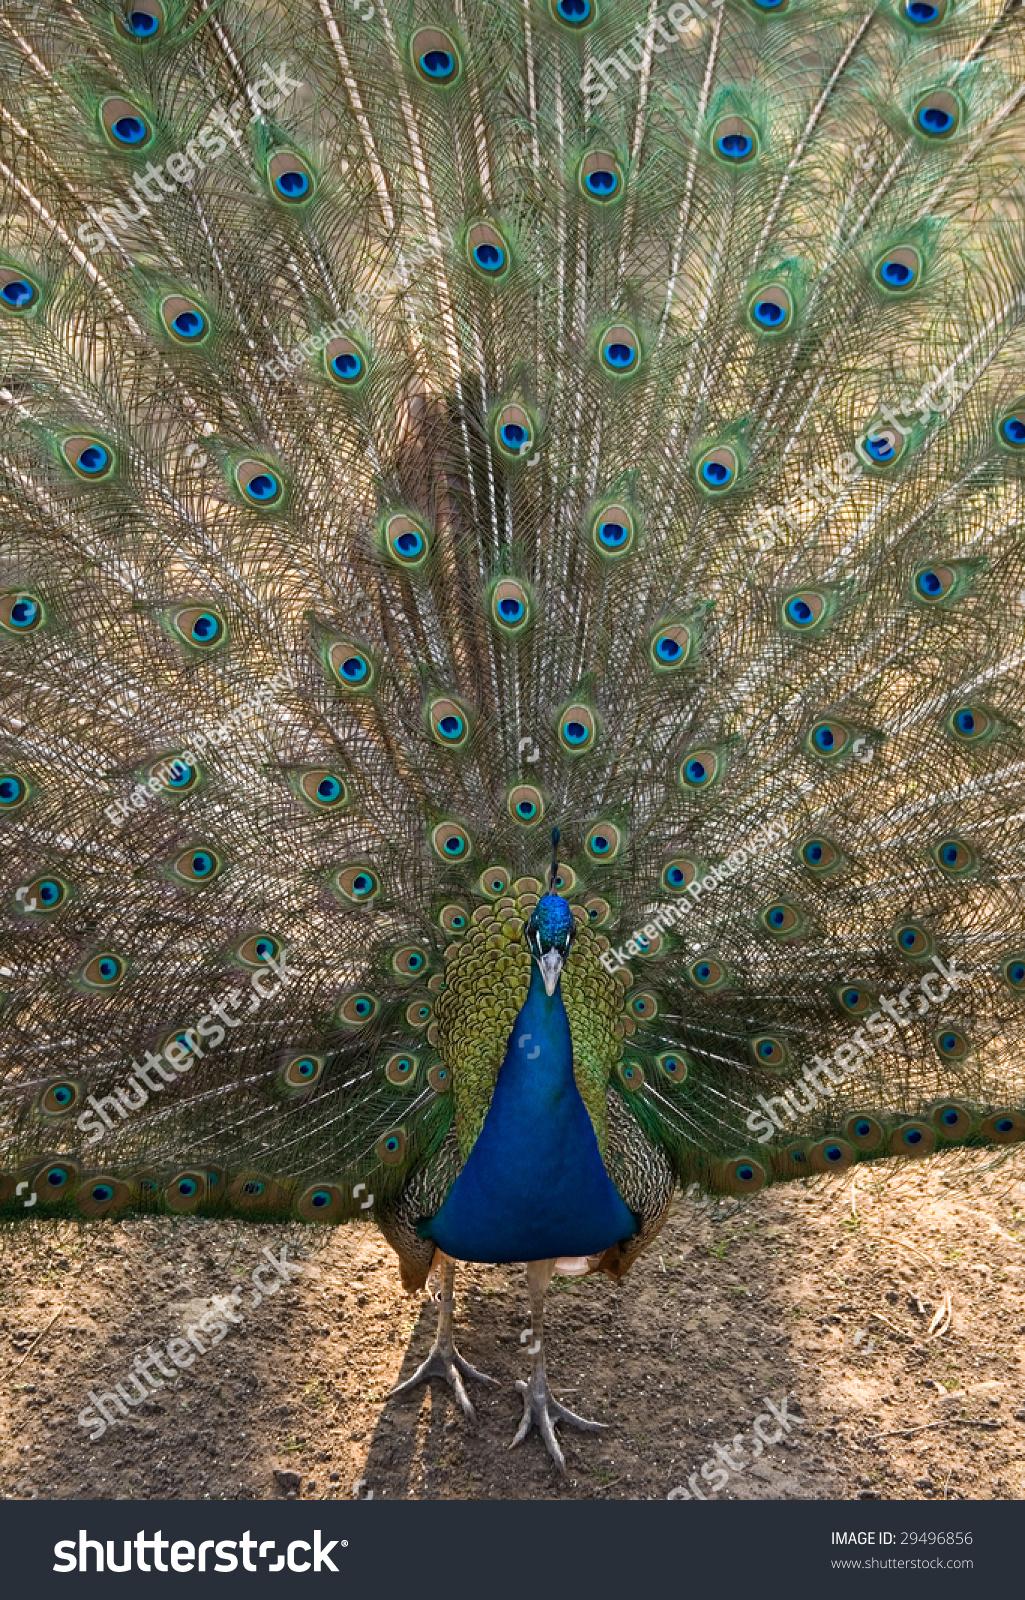 美丽的孔雀传播其颜色的尾巴-动物/野生生物